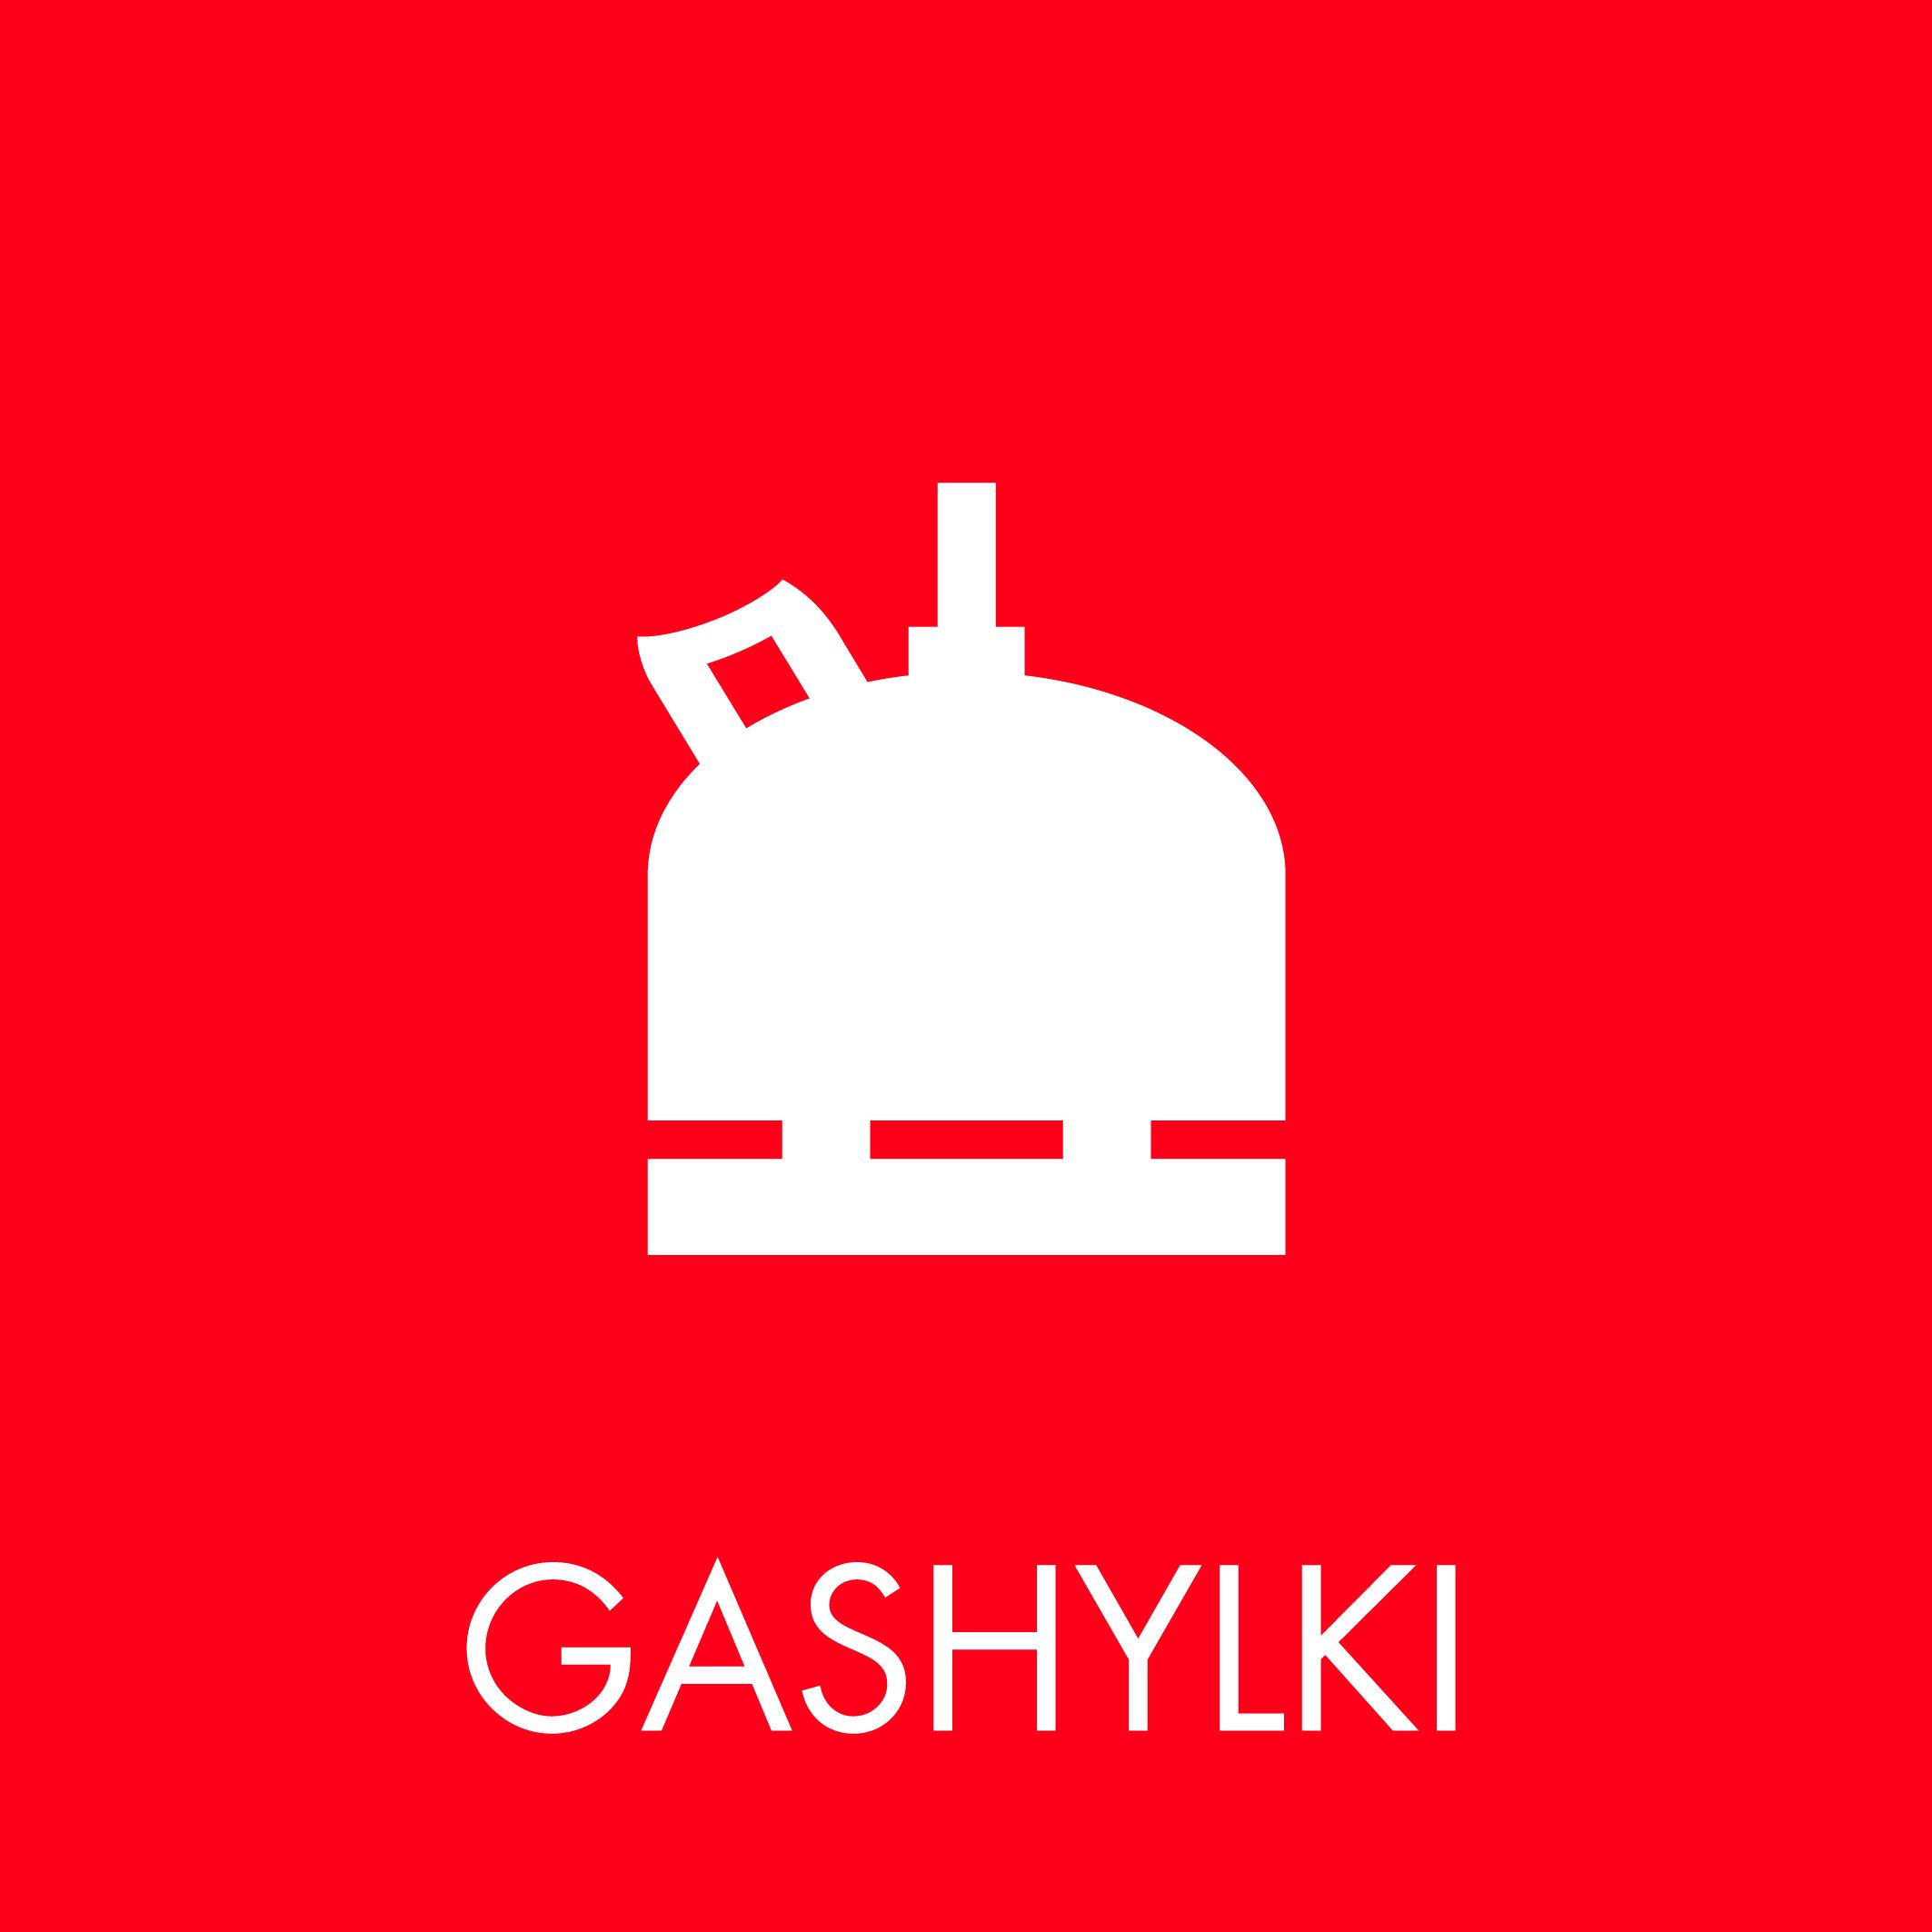 Gashylki